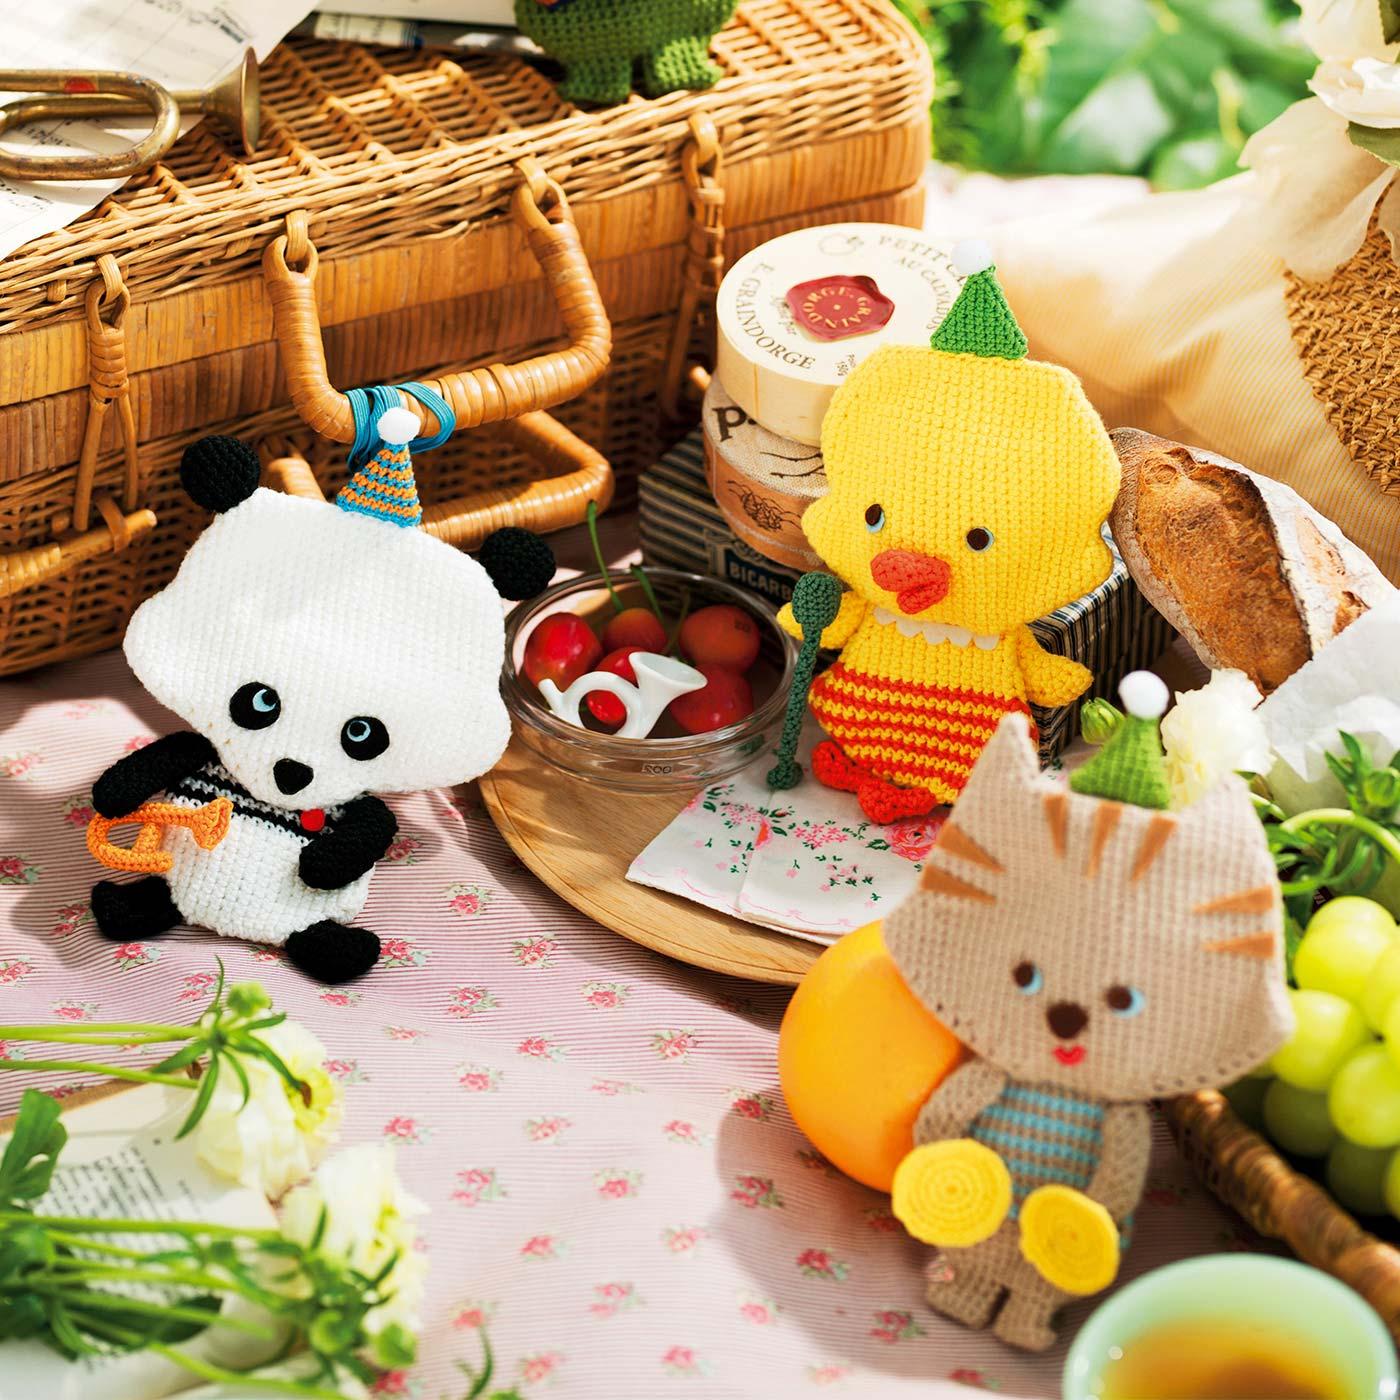 〈左〉パンダとトランペット〈お菓子ポーチ〉縦約19cm、横約12.5cm 〈中〉ひよことスタンドマイク〈コインケース〉縦約19.5cm、横約10cm 〈右〉猫とシンバル〈カード入れ〉縦約19cm、横約12.5cm